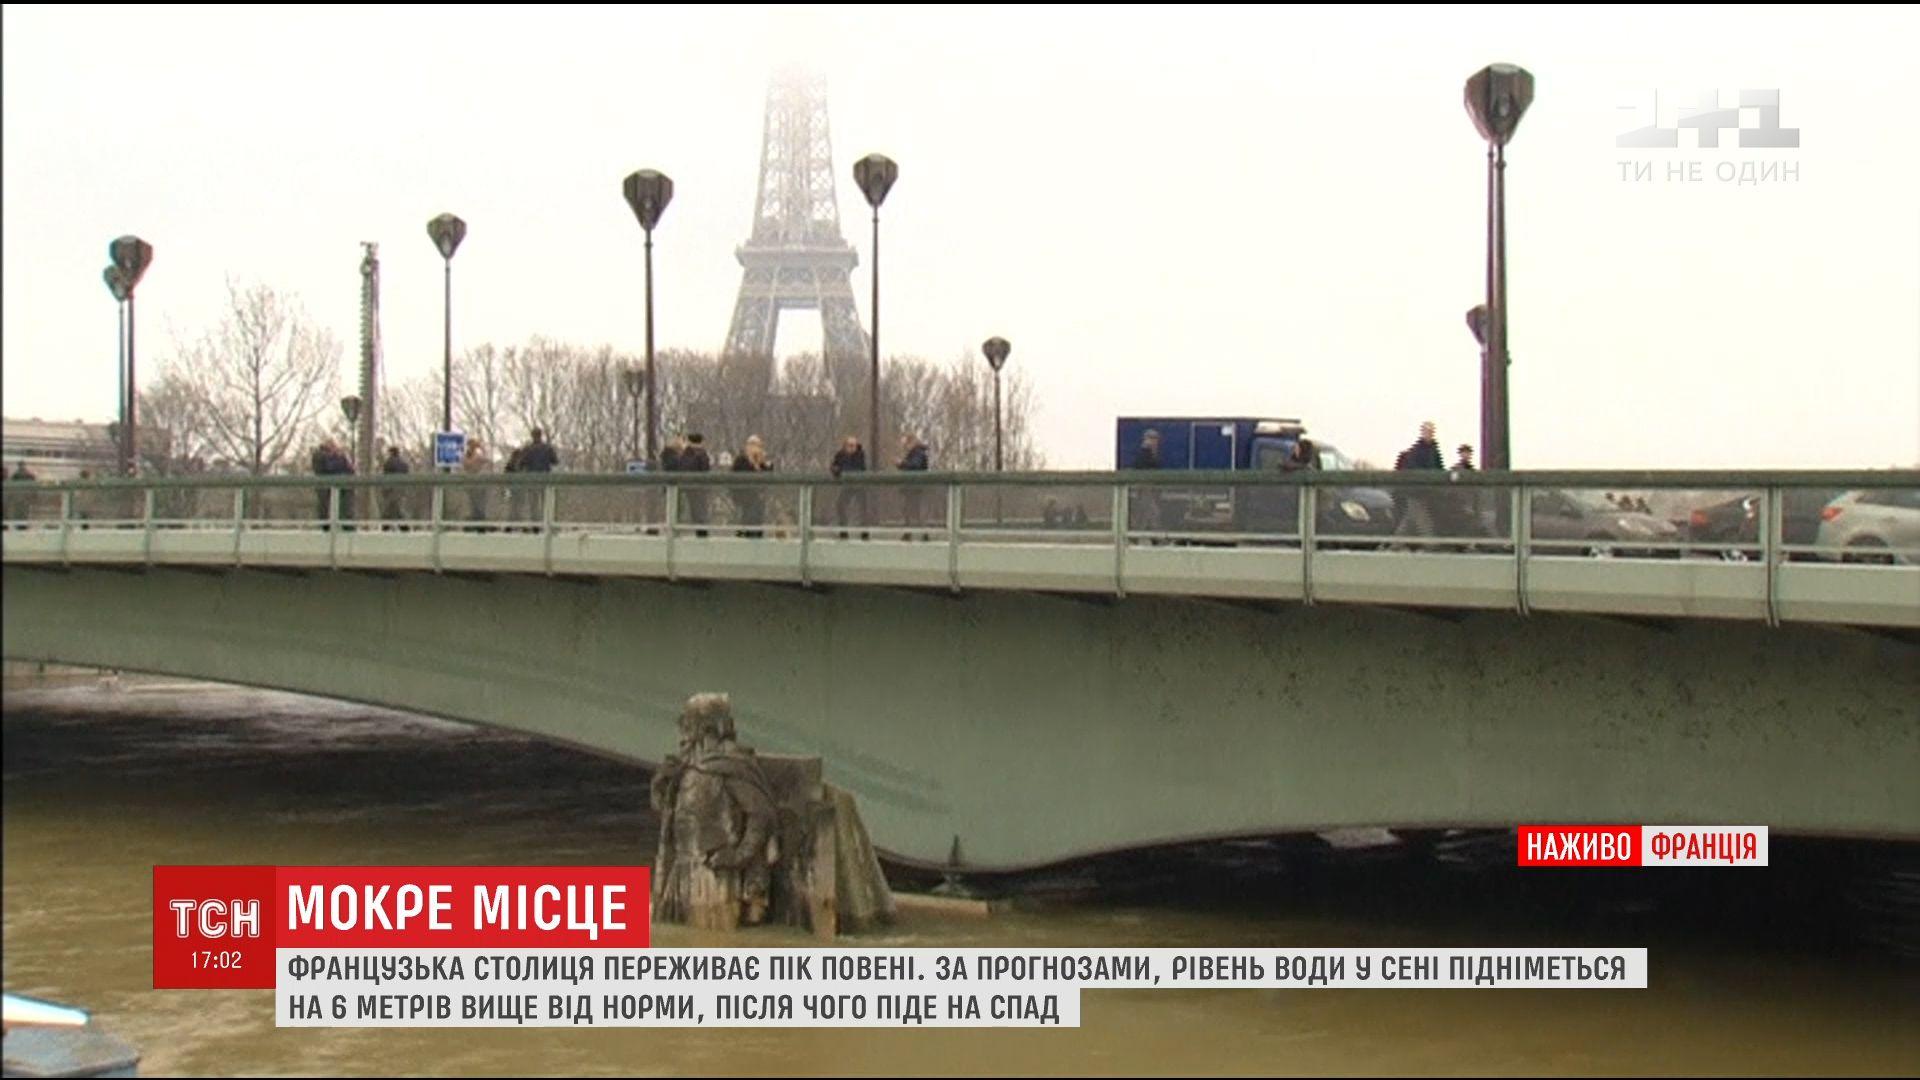 Французская столица переживает пик наводнения, которое накрыло город на прошлой неделе /